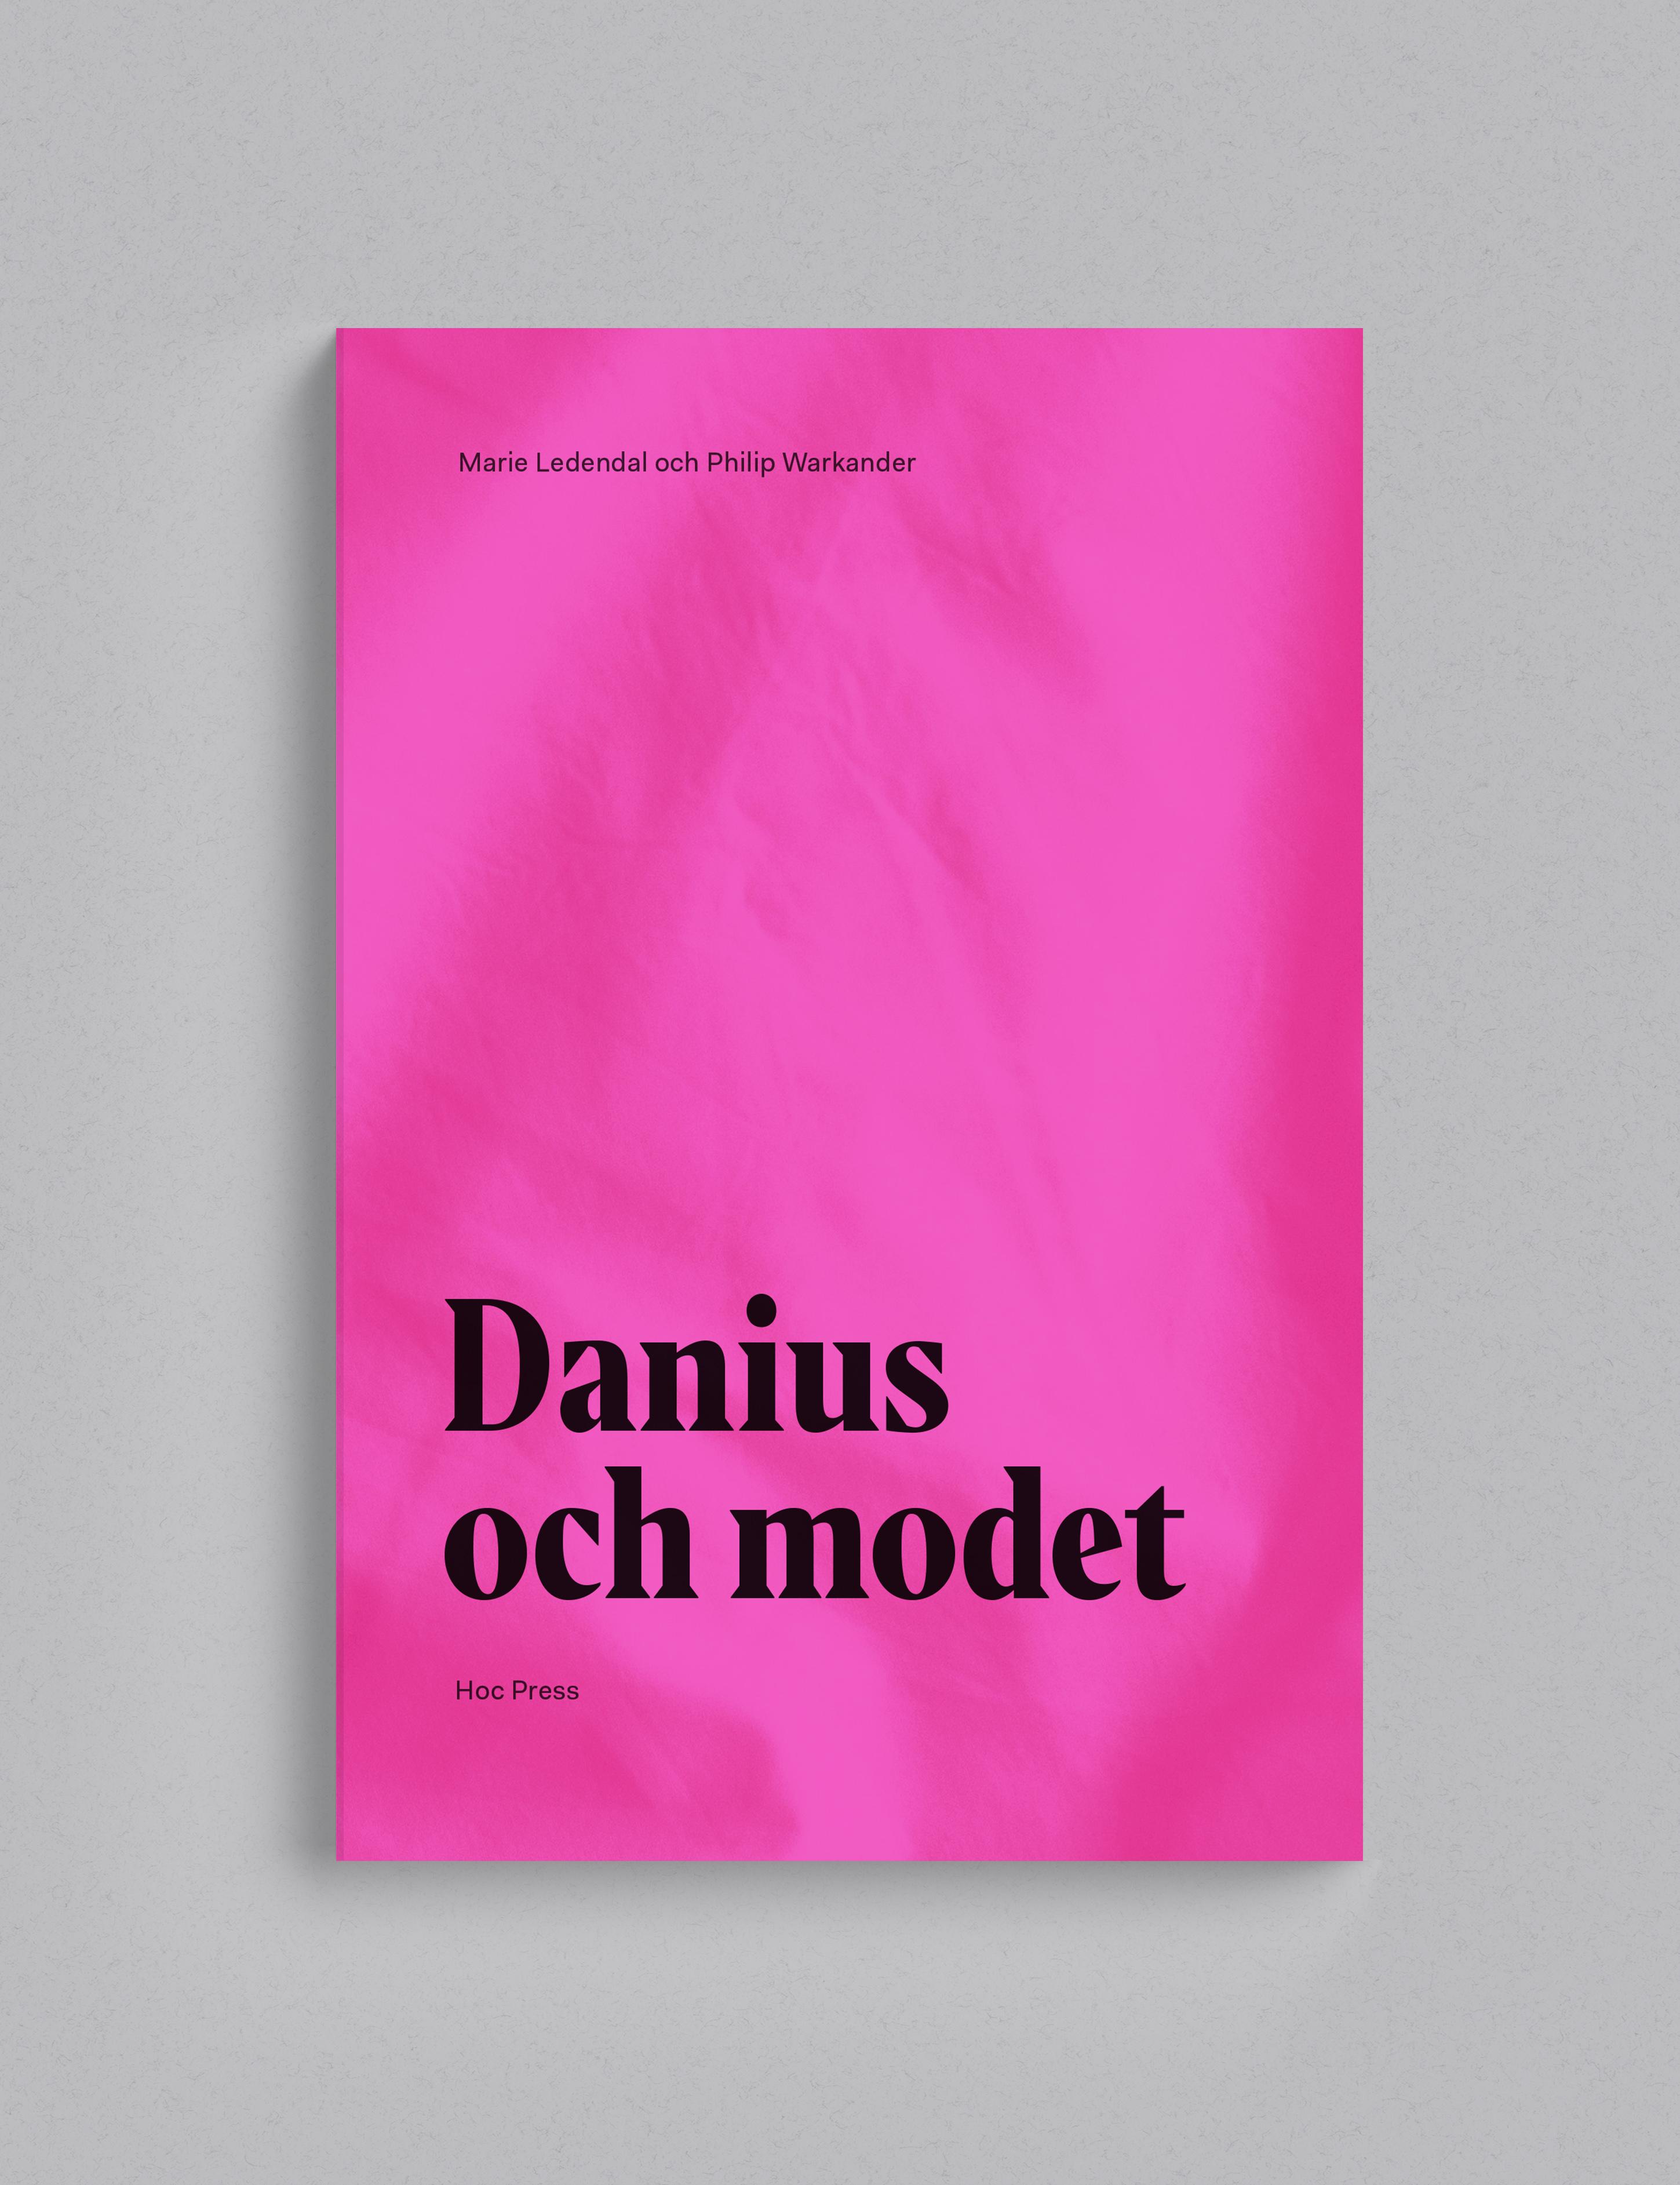 Bokomslag, Marie Ledendal, Philip Warkander, Danius och modet, Hoc Press, bokförlag, förlag